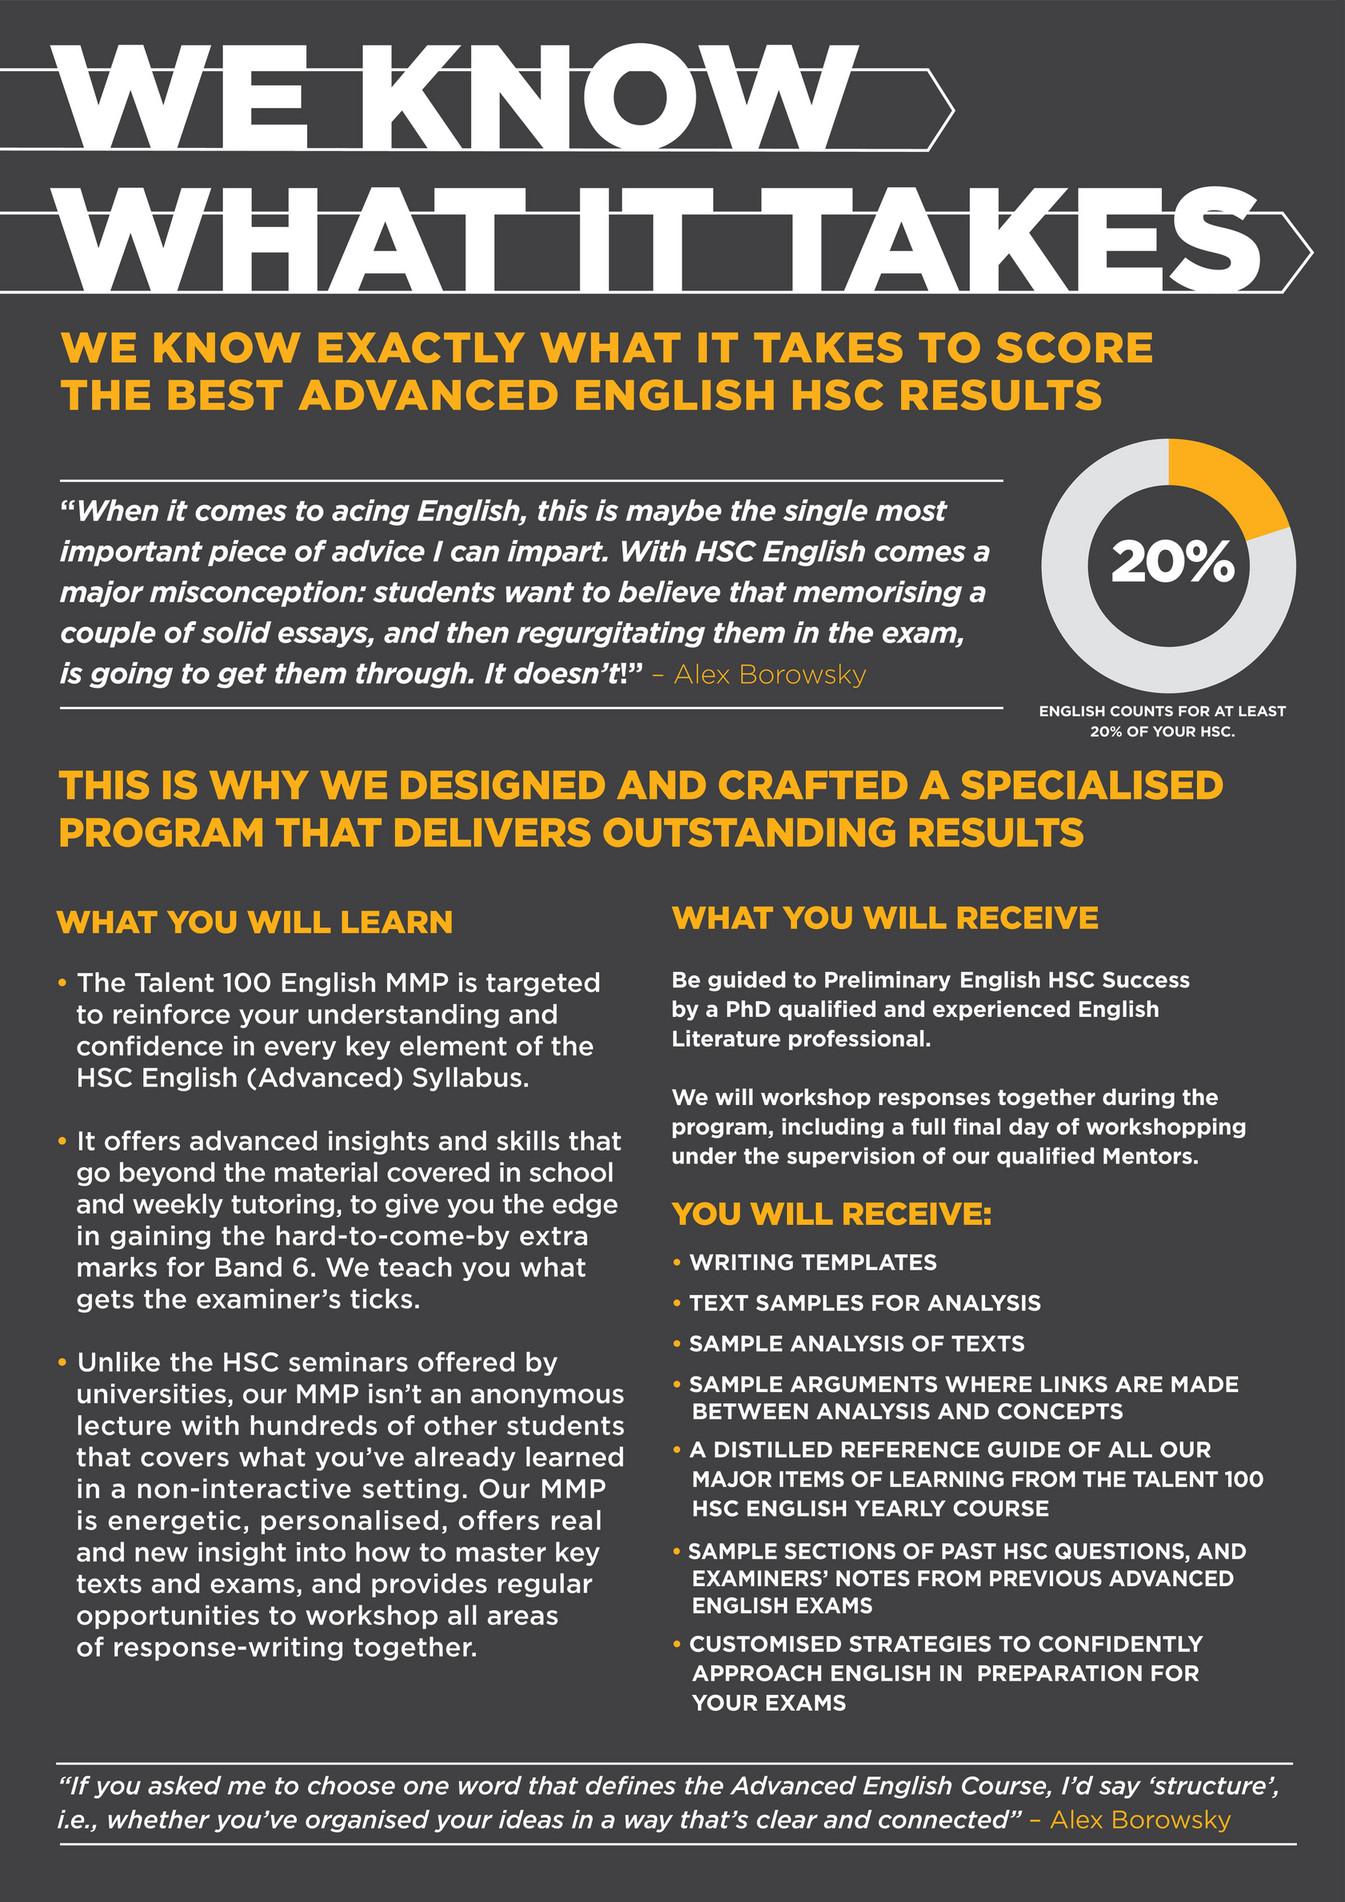 Talent 100 - Talent 100 English MPP Yr 12 - Page 2-3